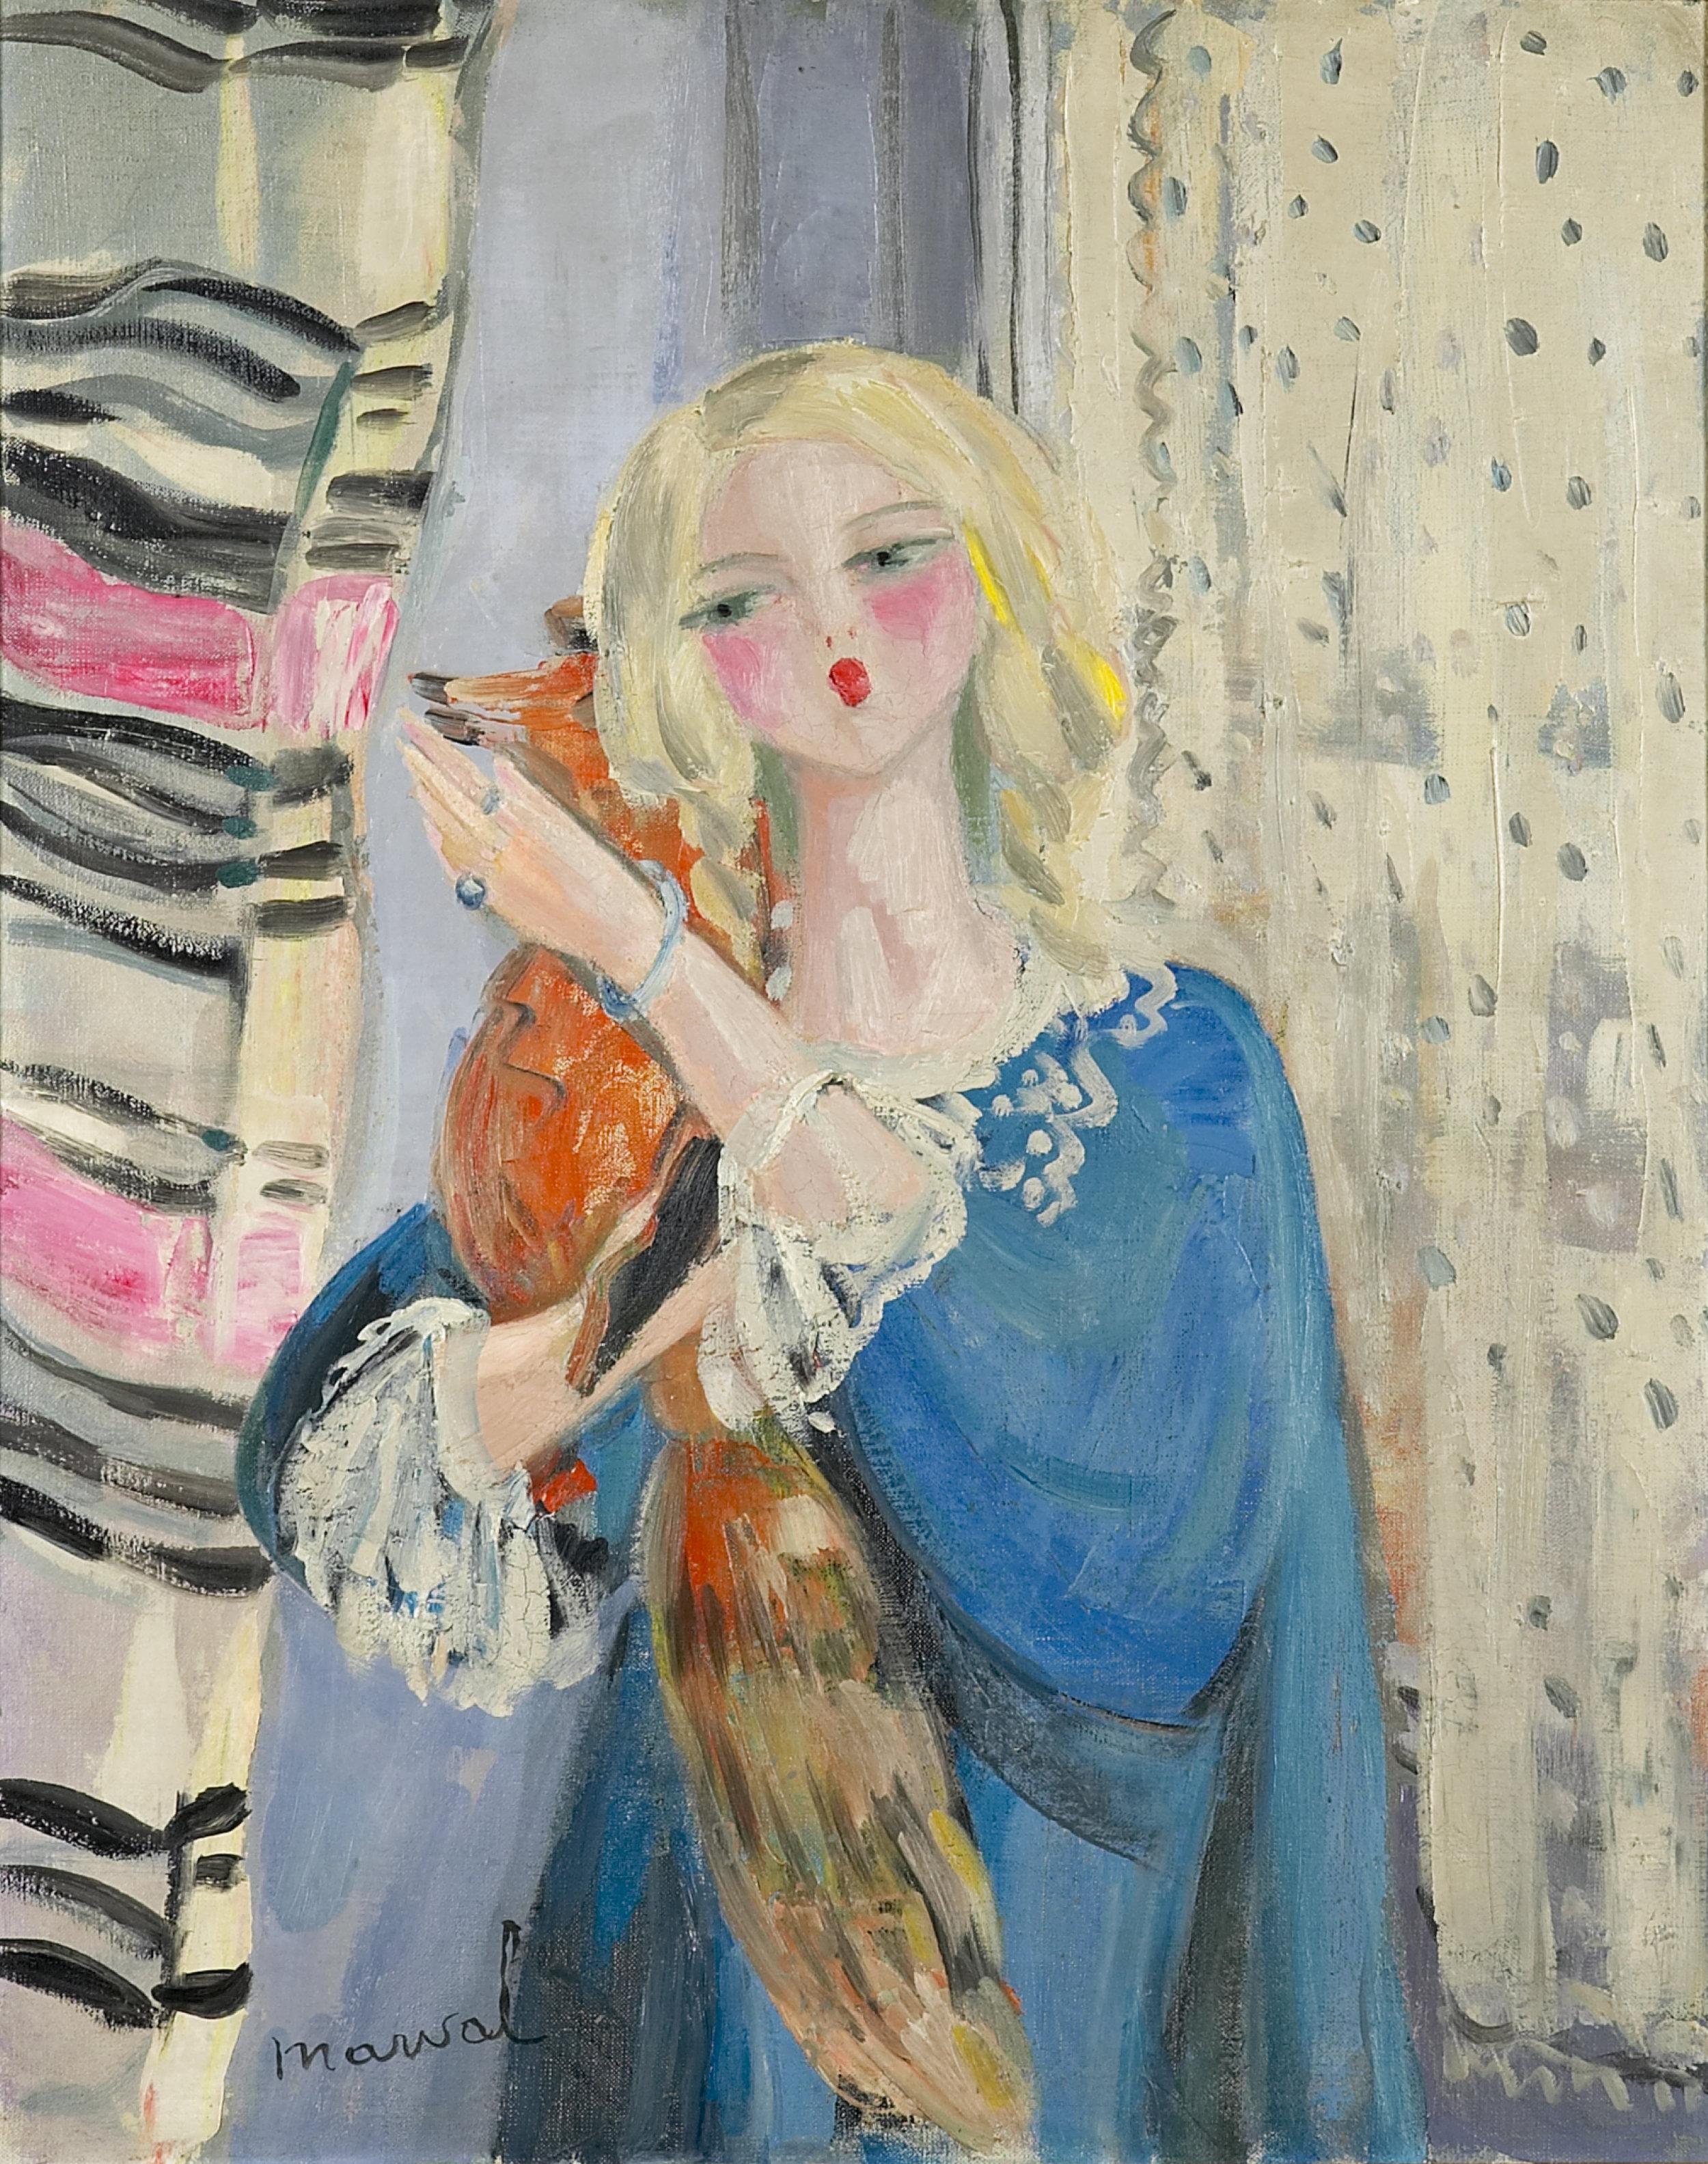 L'Enfant au Renard, Jacqueline Marval, 1922. Huile sur toile, 81 cm x 65 cm. Ancienne collection Tabarant, collection privée, Boston, U.S.A.